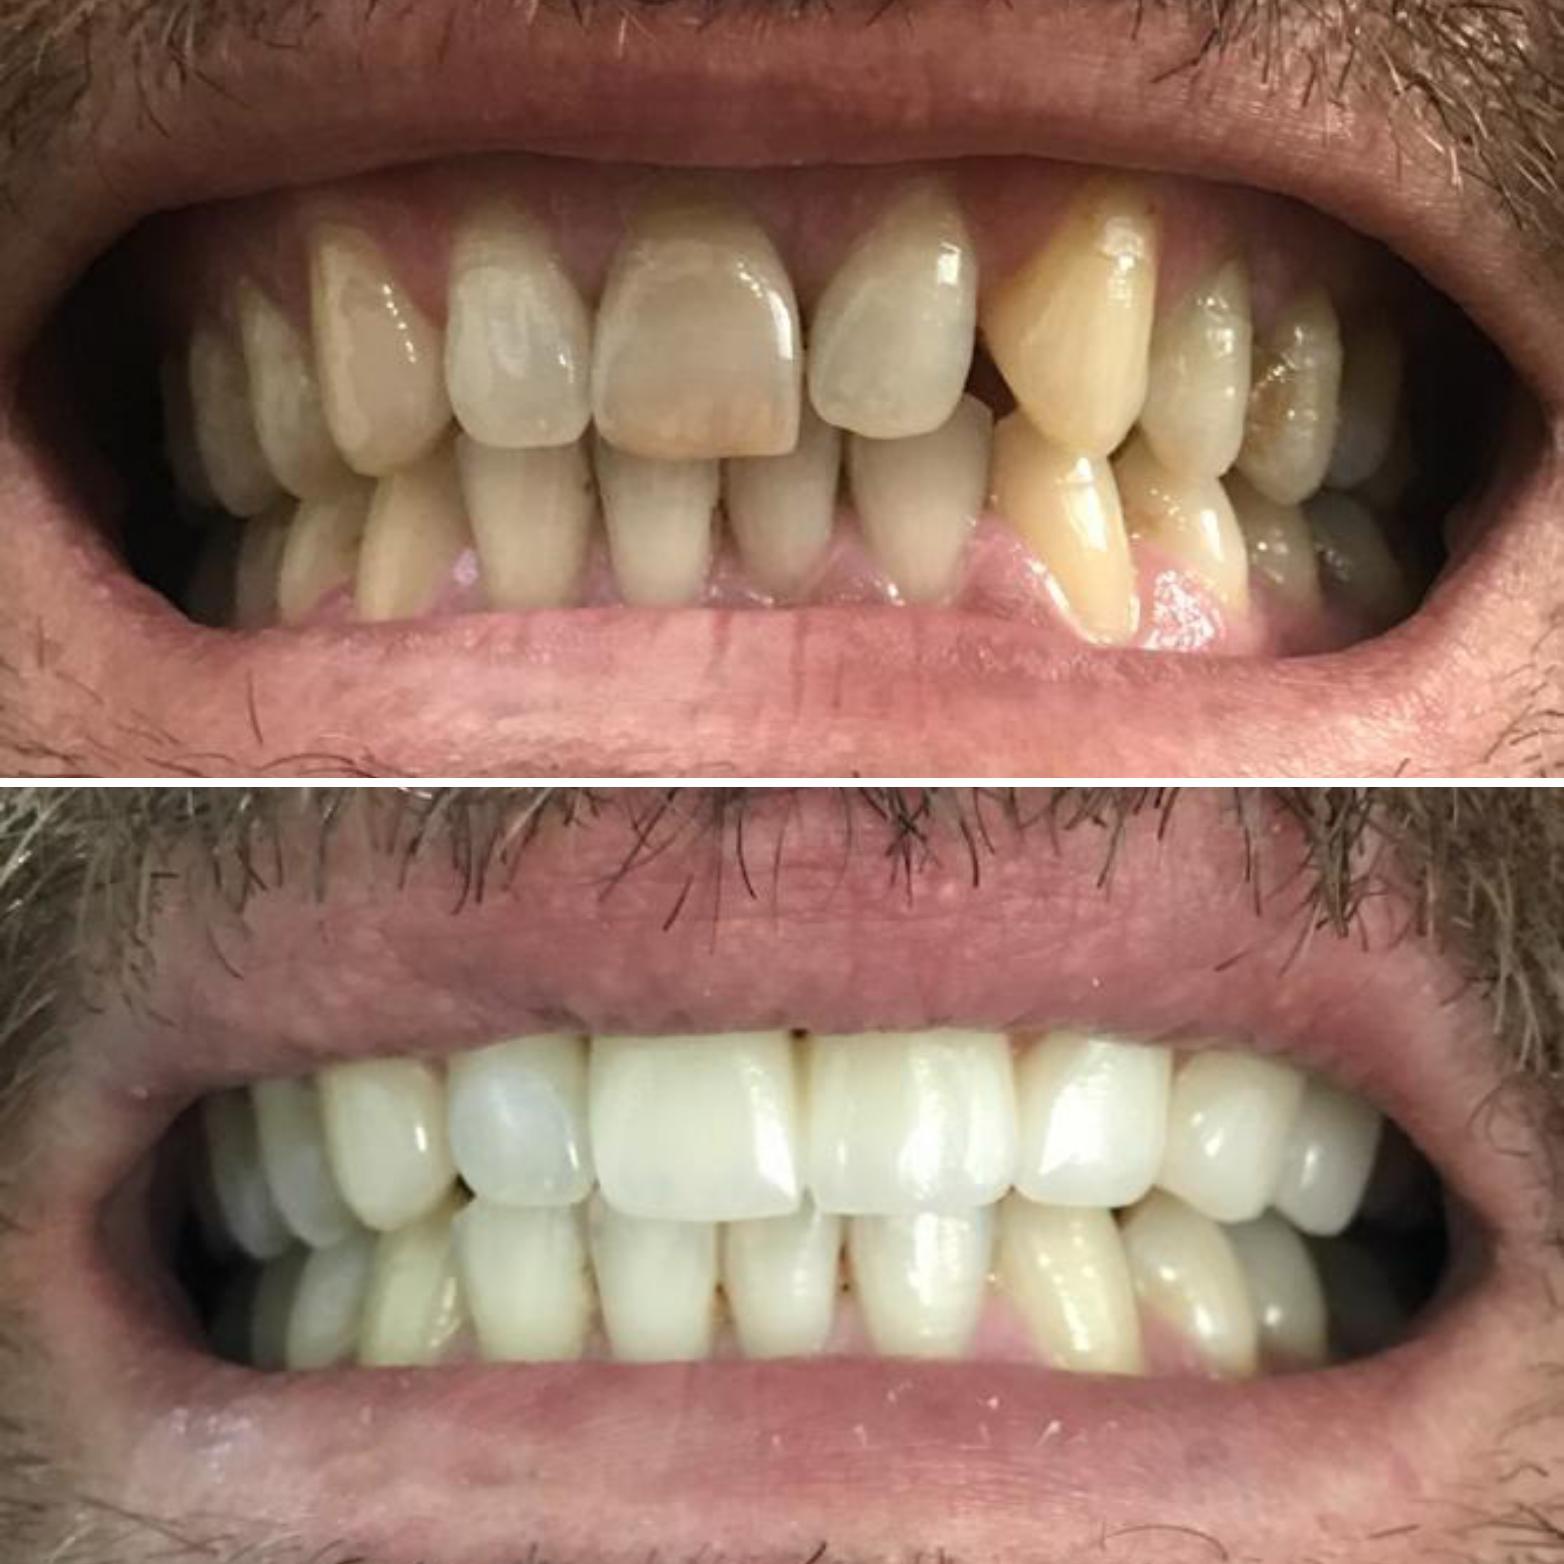 başakşehir porselen diş tedavisi